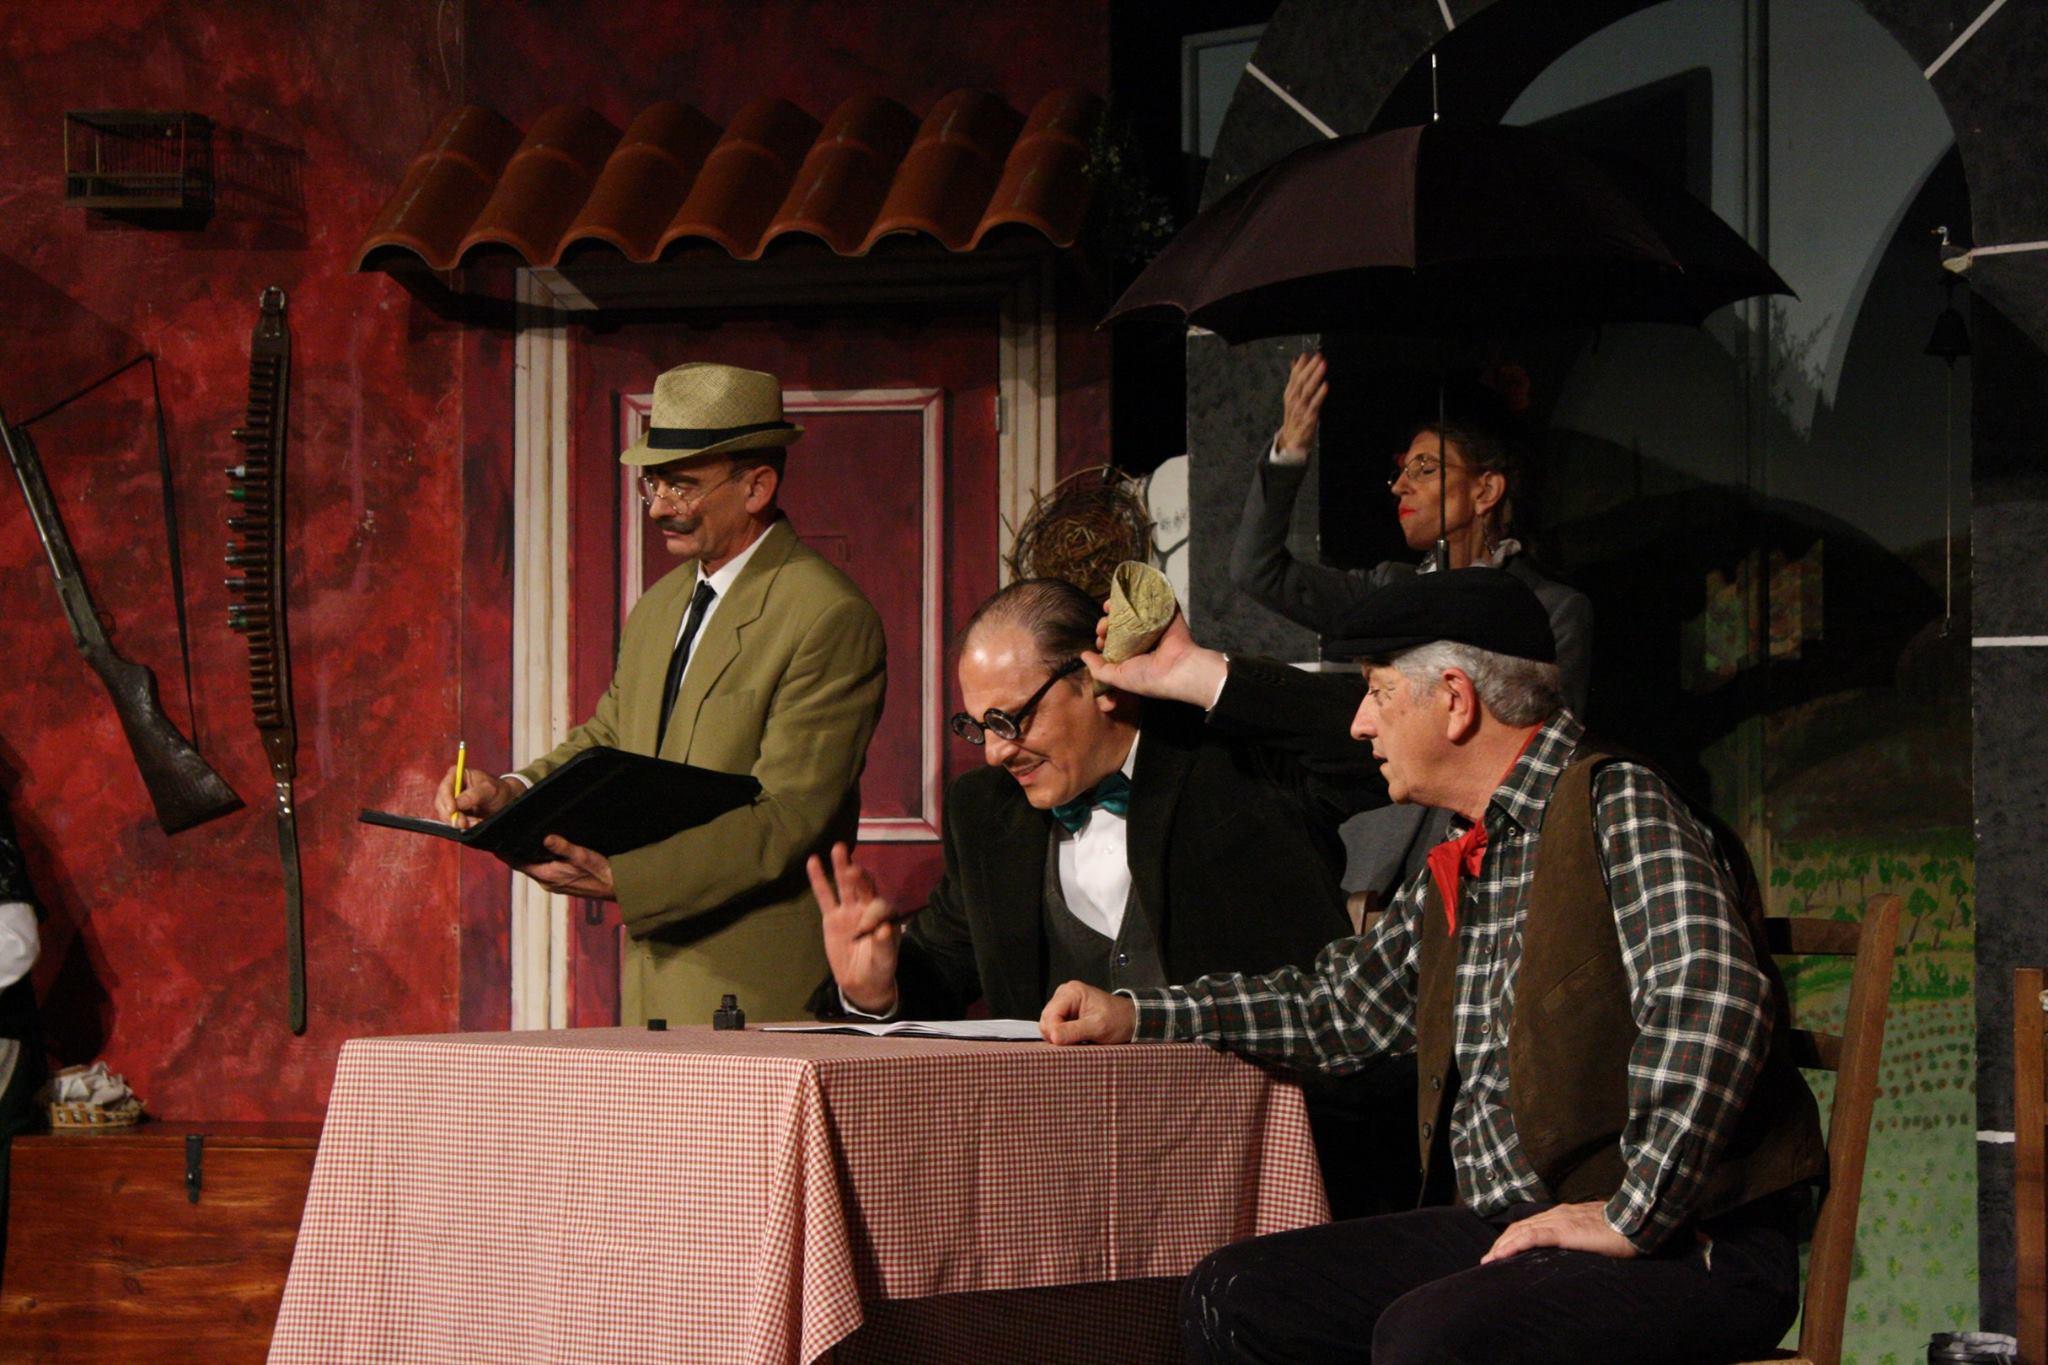 """Gatta ci cova"""" rappresentato dalla Compagnia """"La Marmotta"""" di Varese è il sesto spettacolo in gara al """"Gran Premio Nazionale del Teatro Amatoriale"""""""